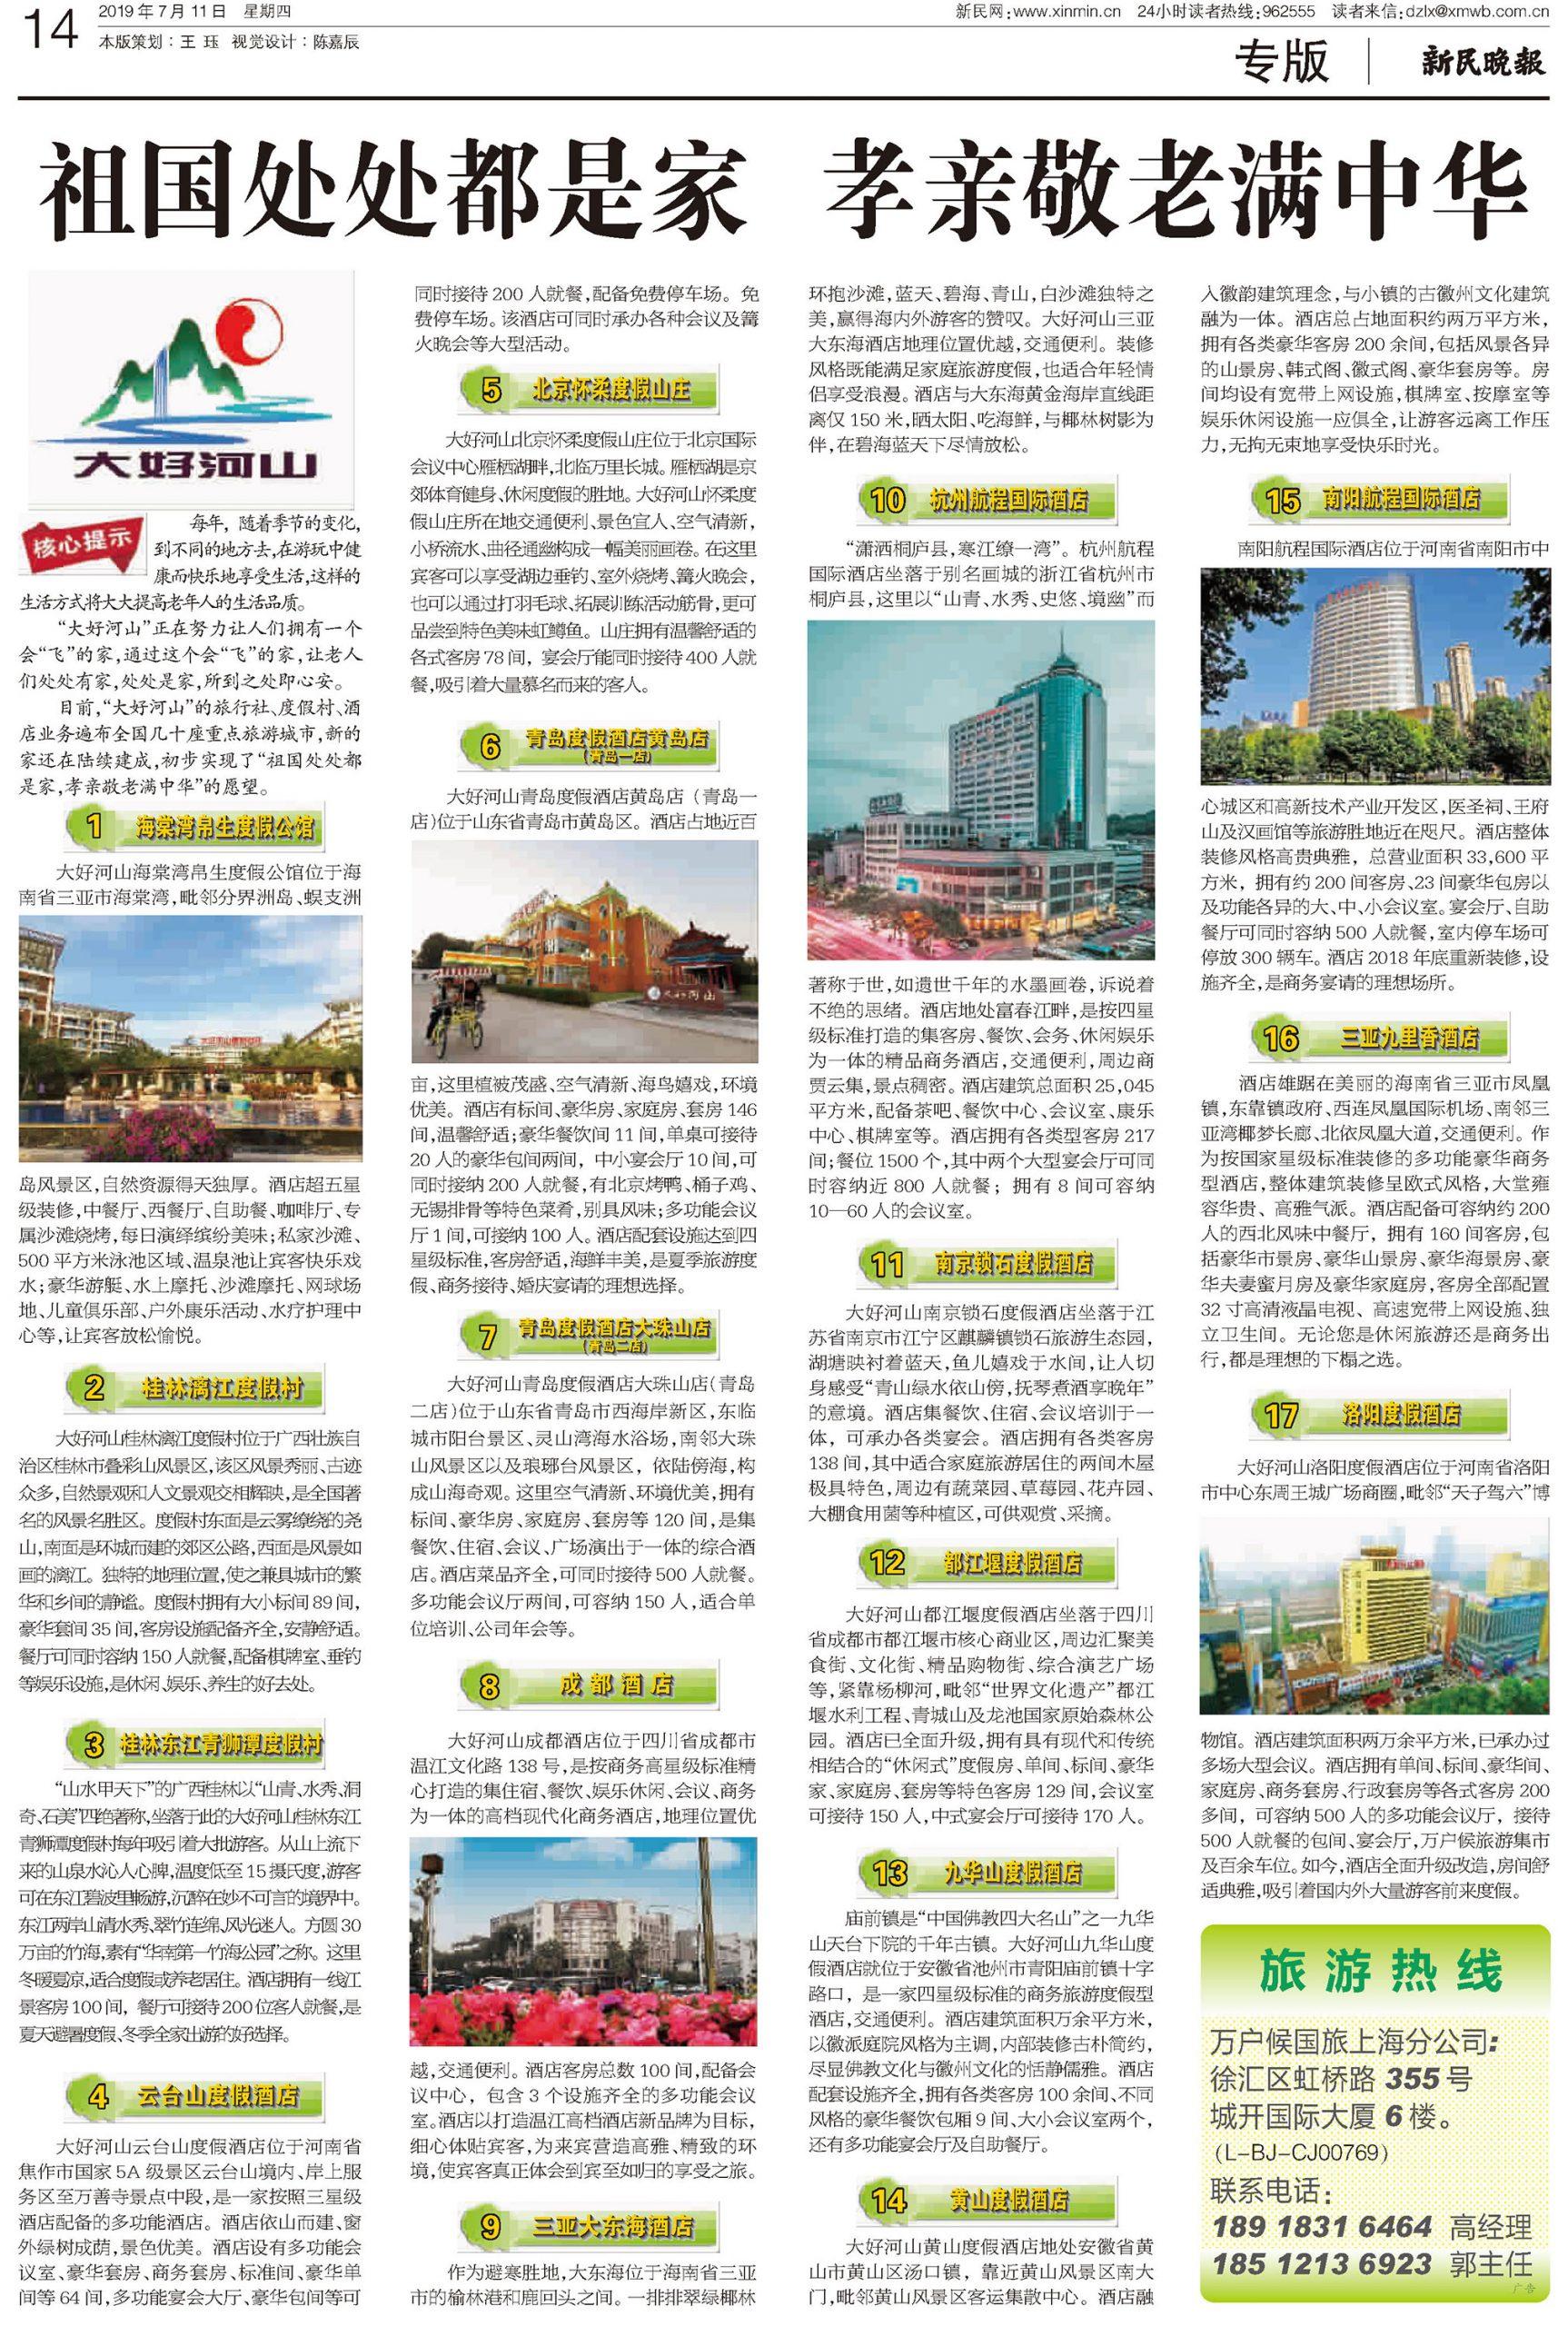 新民晚报 2019-07-11 转版14